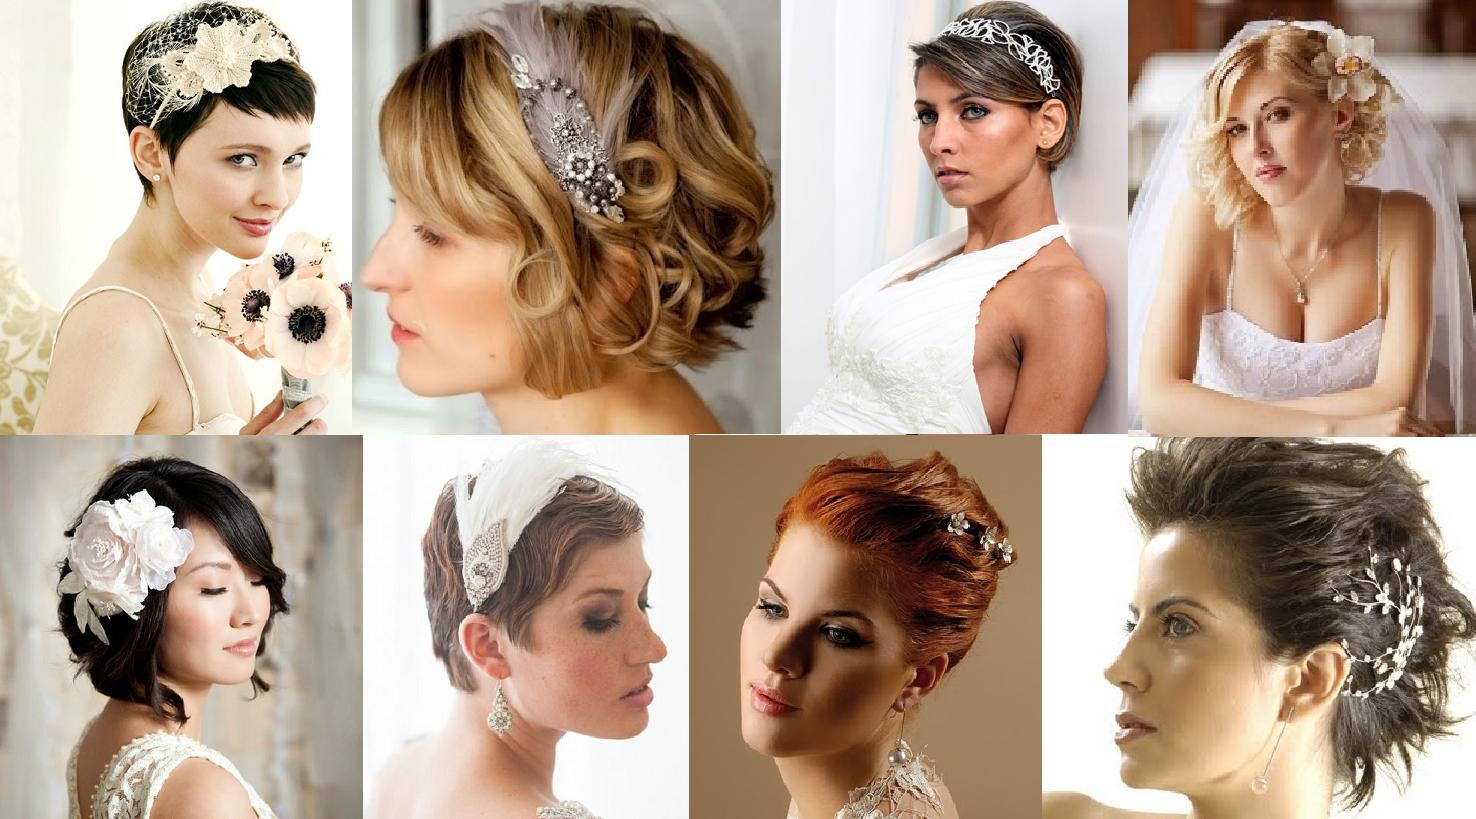 exemplos de fotos com cabelos curtos